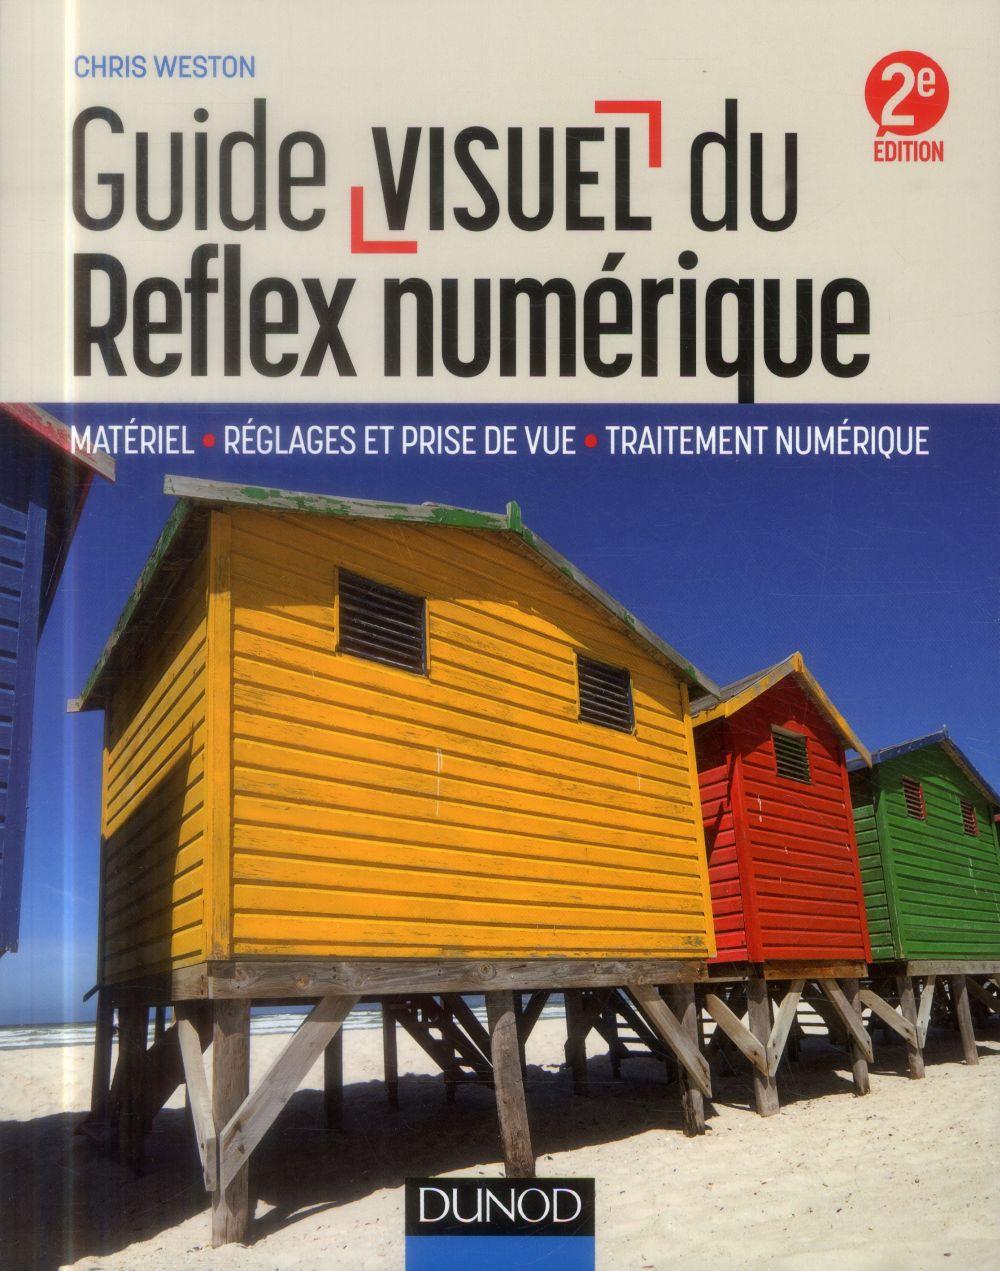 Guide visuel du reflex numérique ; matériel, réglages et prise de vue, traitement numérique (2e édition)